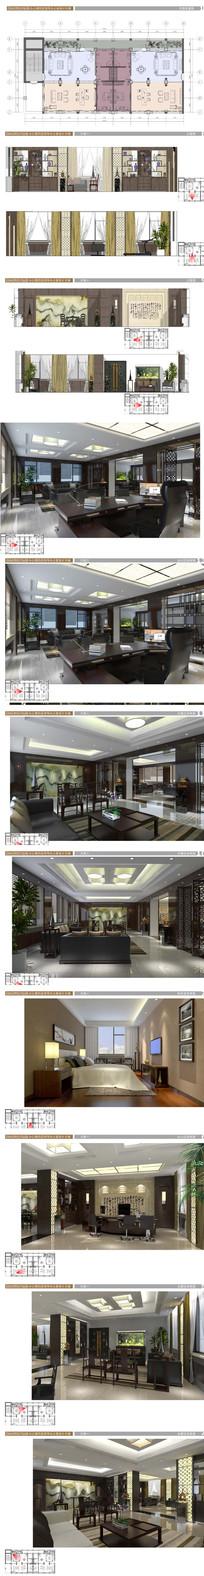 中式办公室SU模型施工图